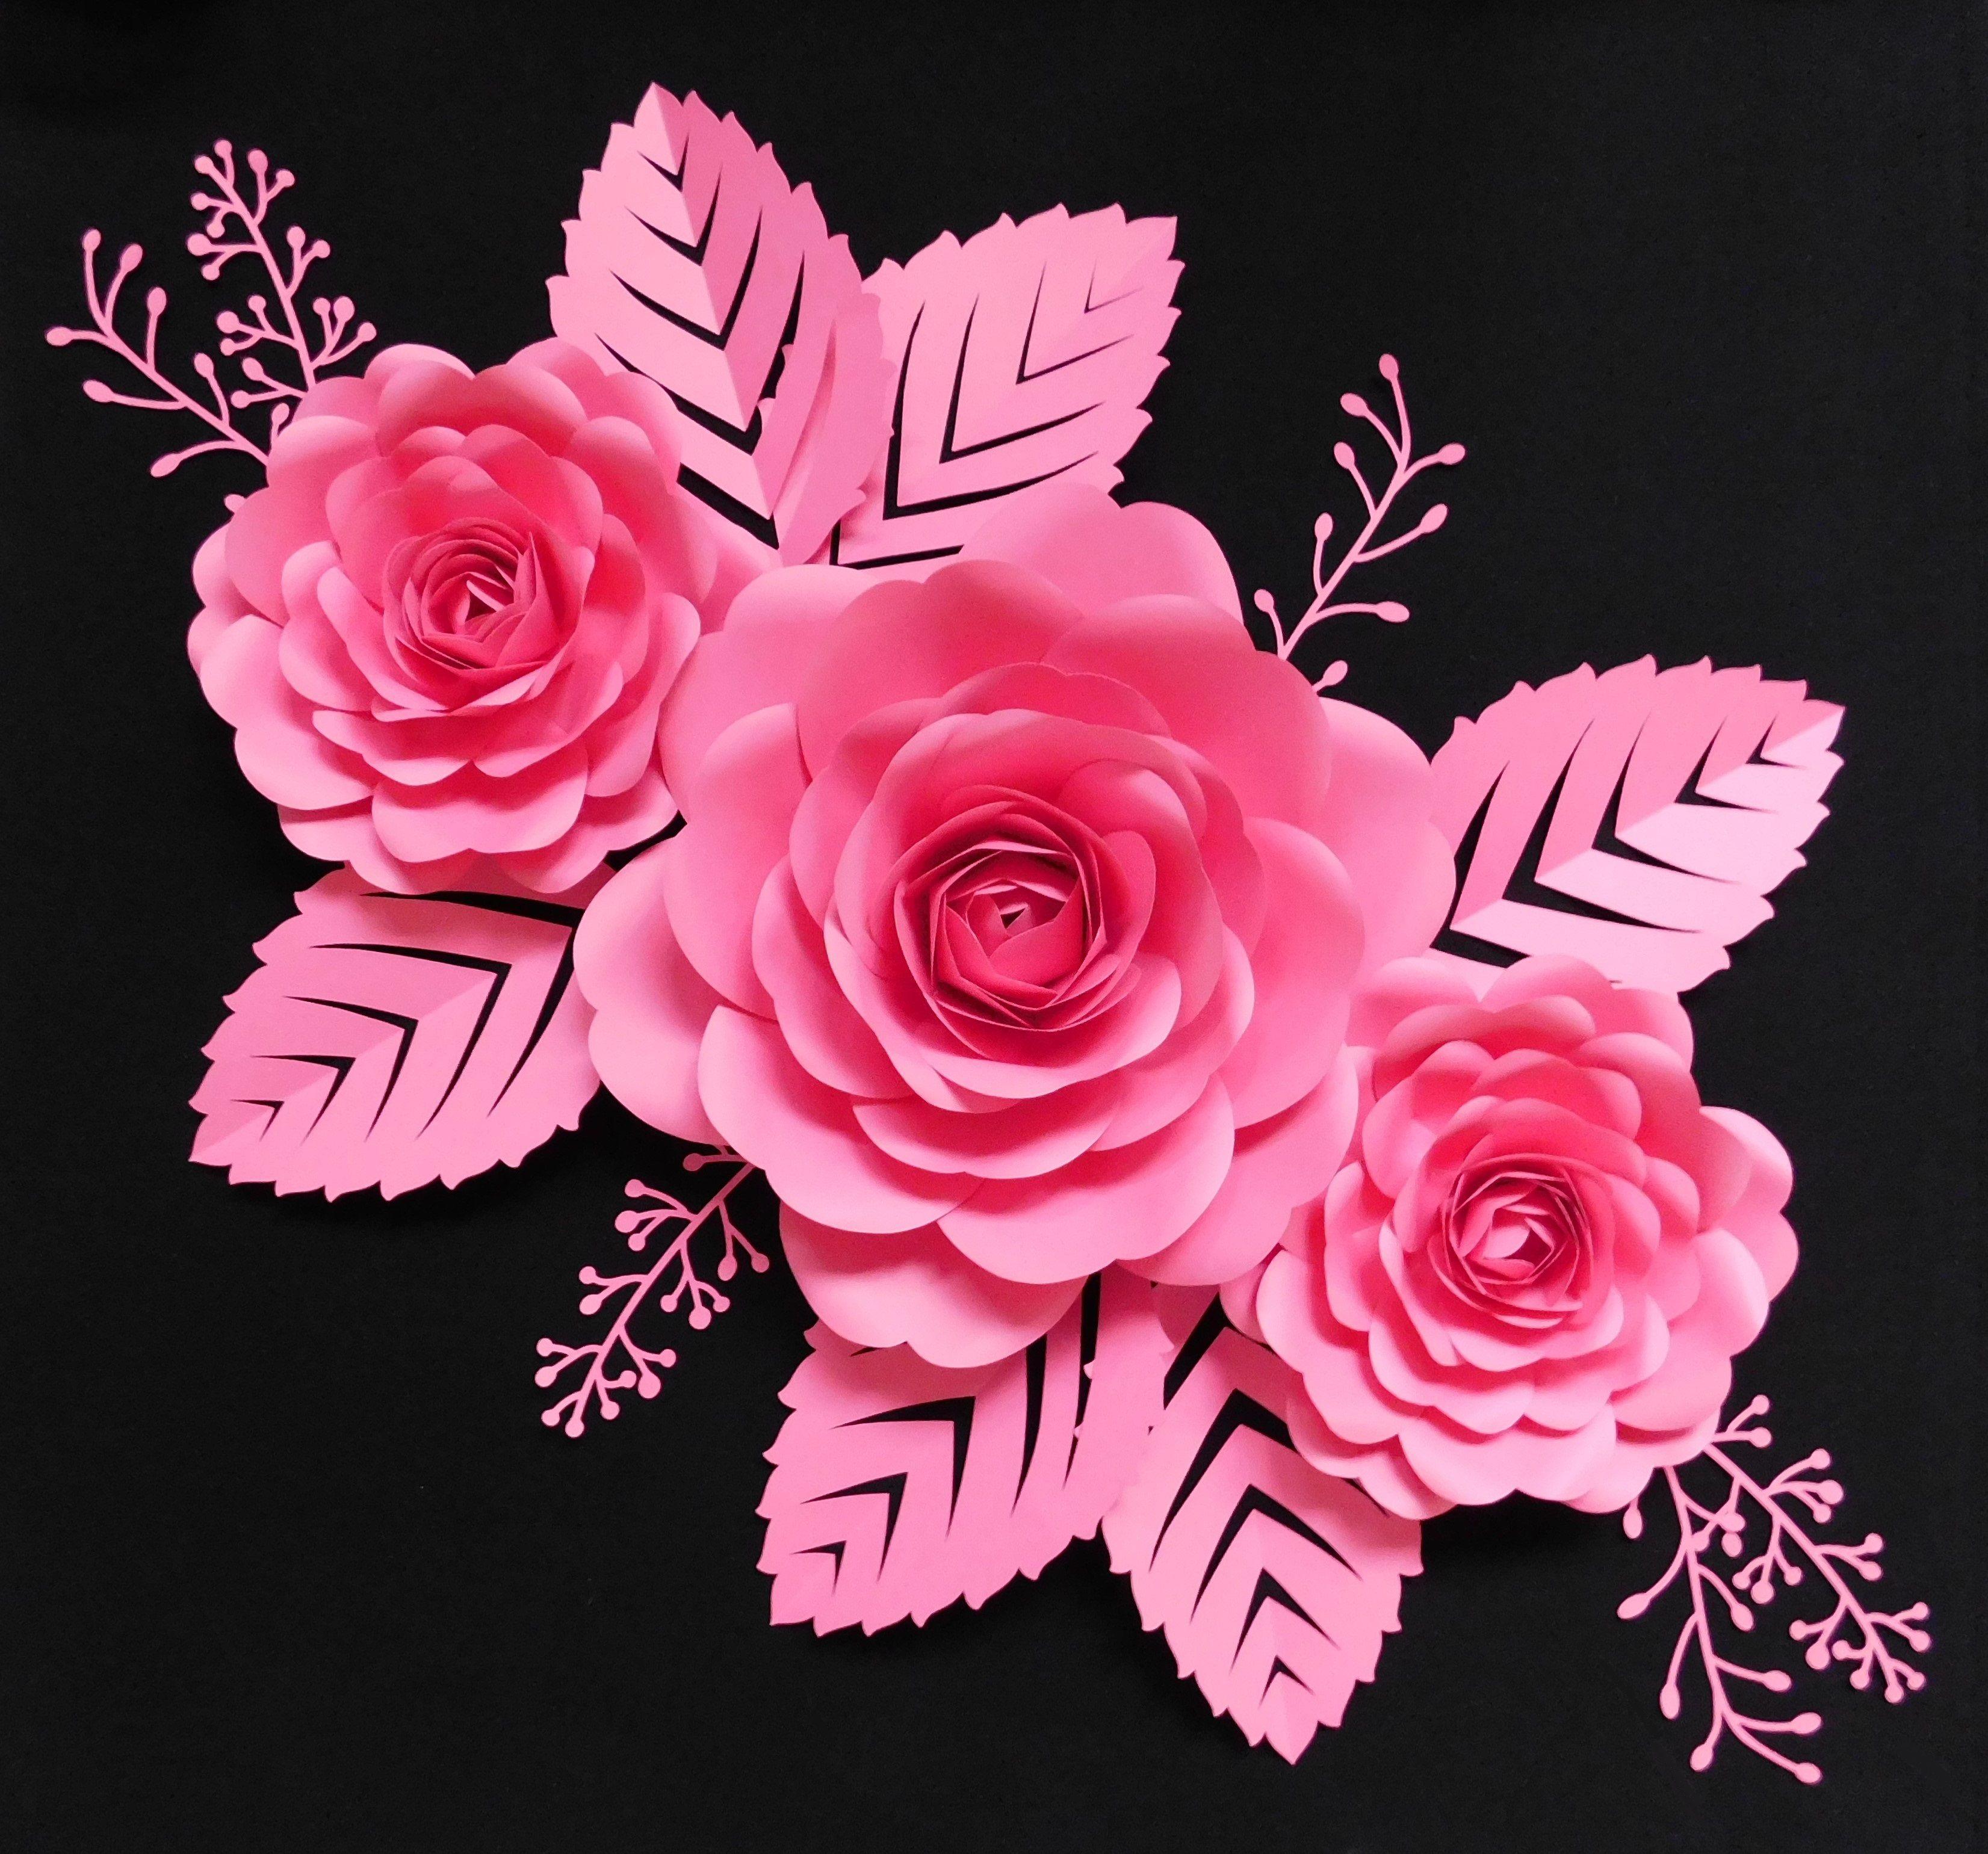 Paper Flowers Kwiaty Z Papieru Kwiaty Papierowe Kwiaty Chanel Pink Decor Paper Flowers Paper Flower Wall Flower Backdrop